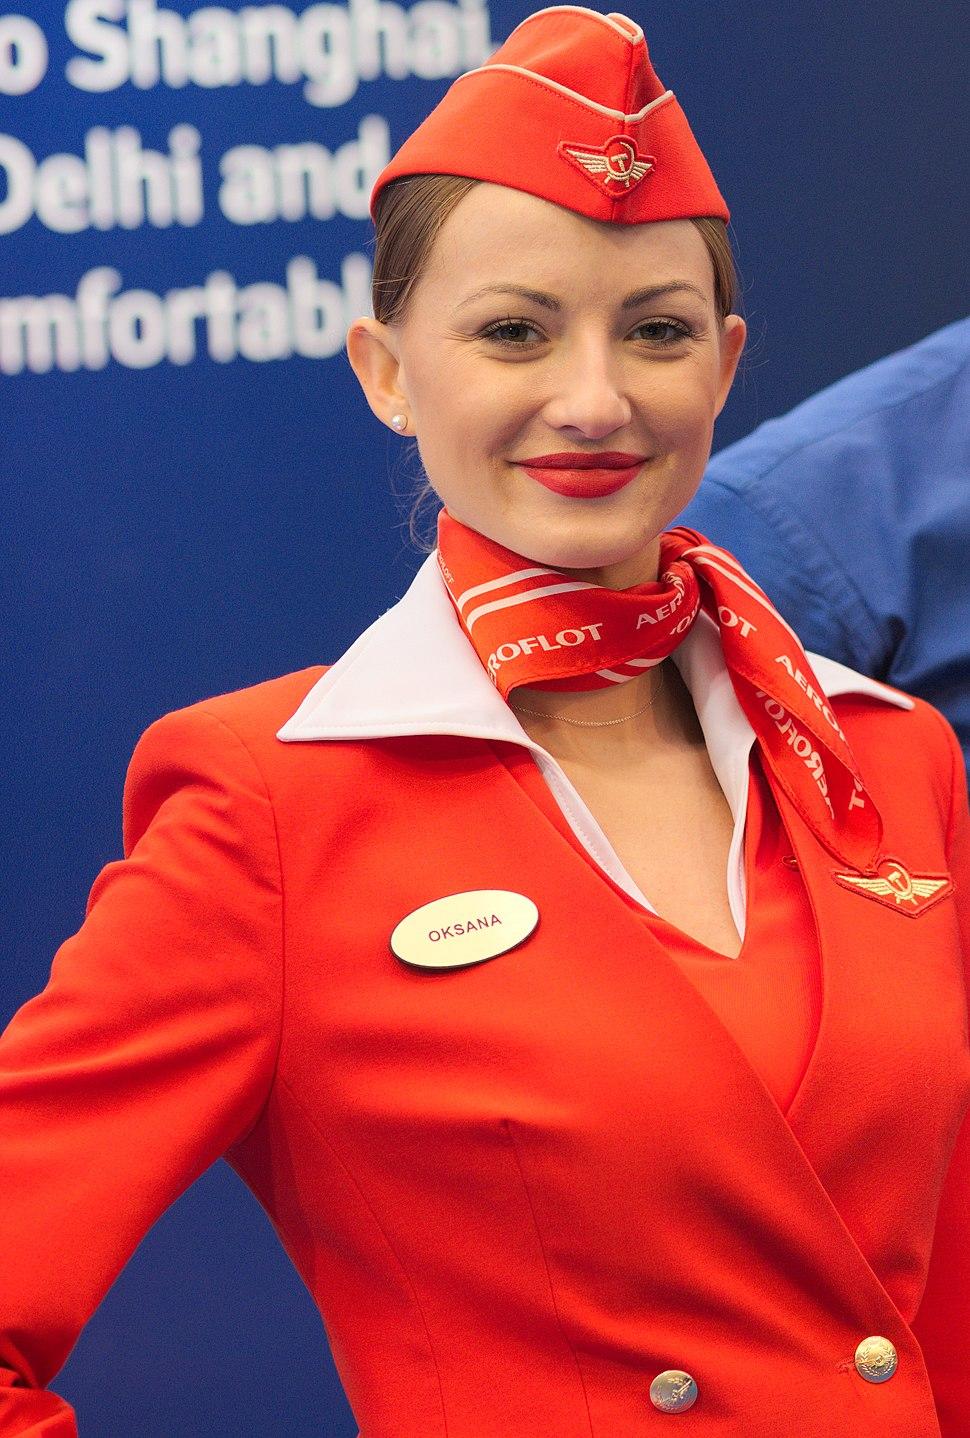 Aeroflot flight attendant (hostess)